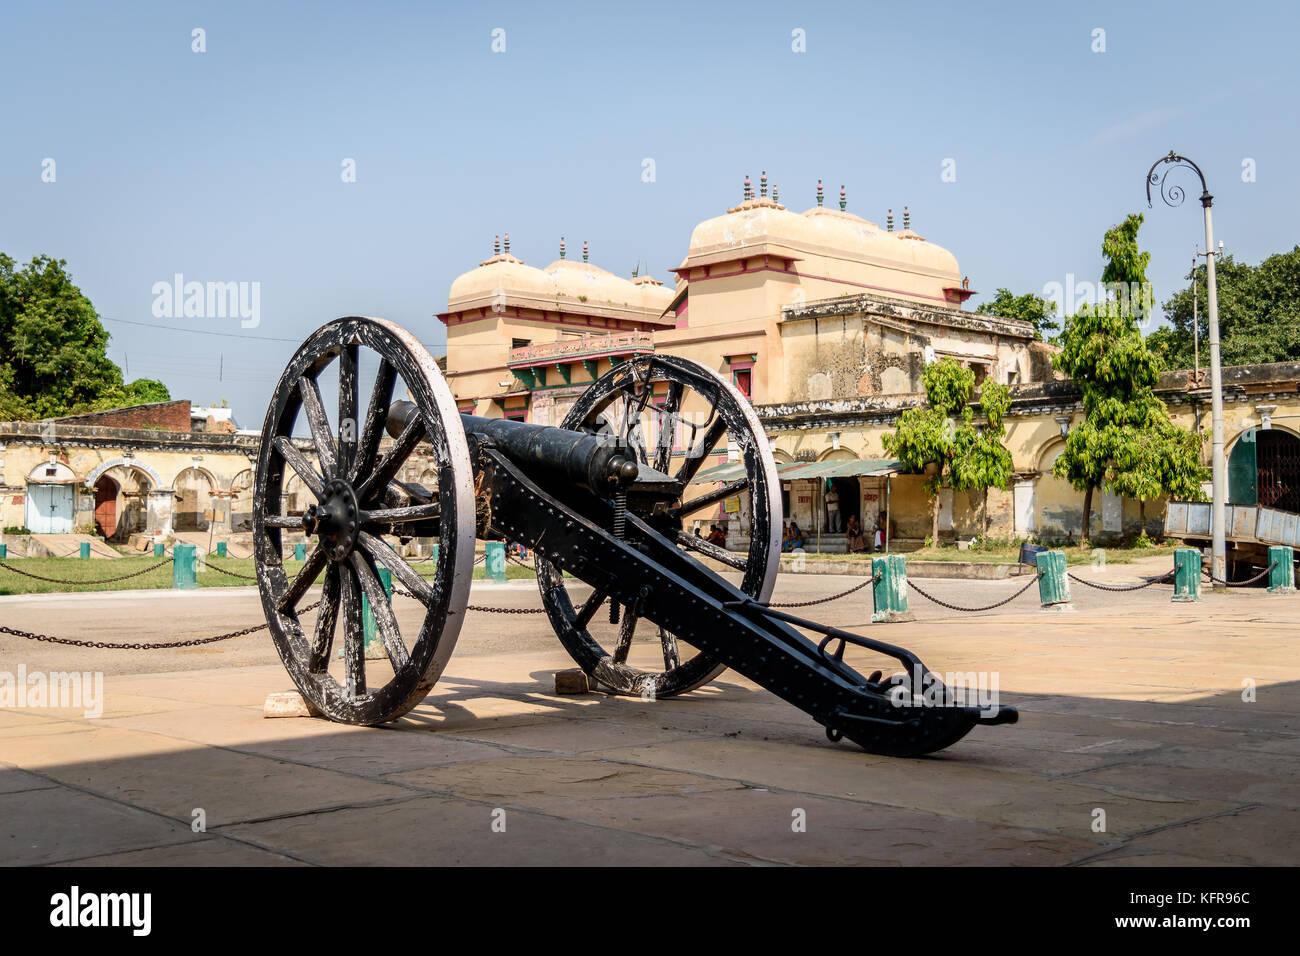 October 14,2017.Varanasi, India,  An Ancient canon on the courtyard at Ramnagar Fort, Varanasi India. - Stock Image